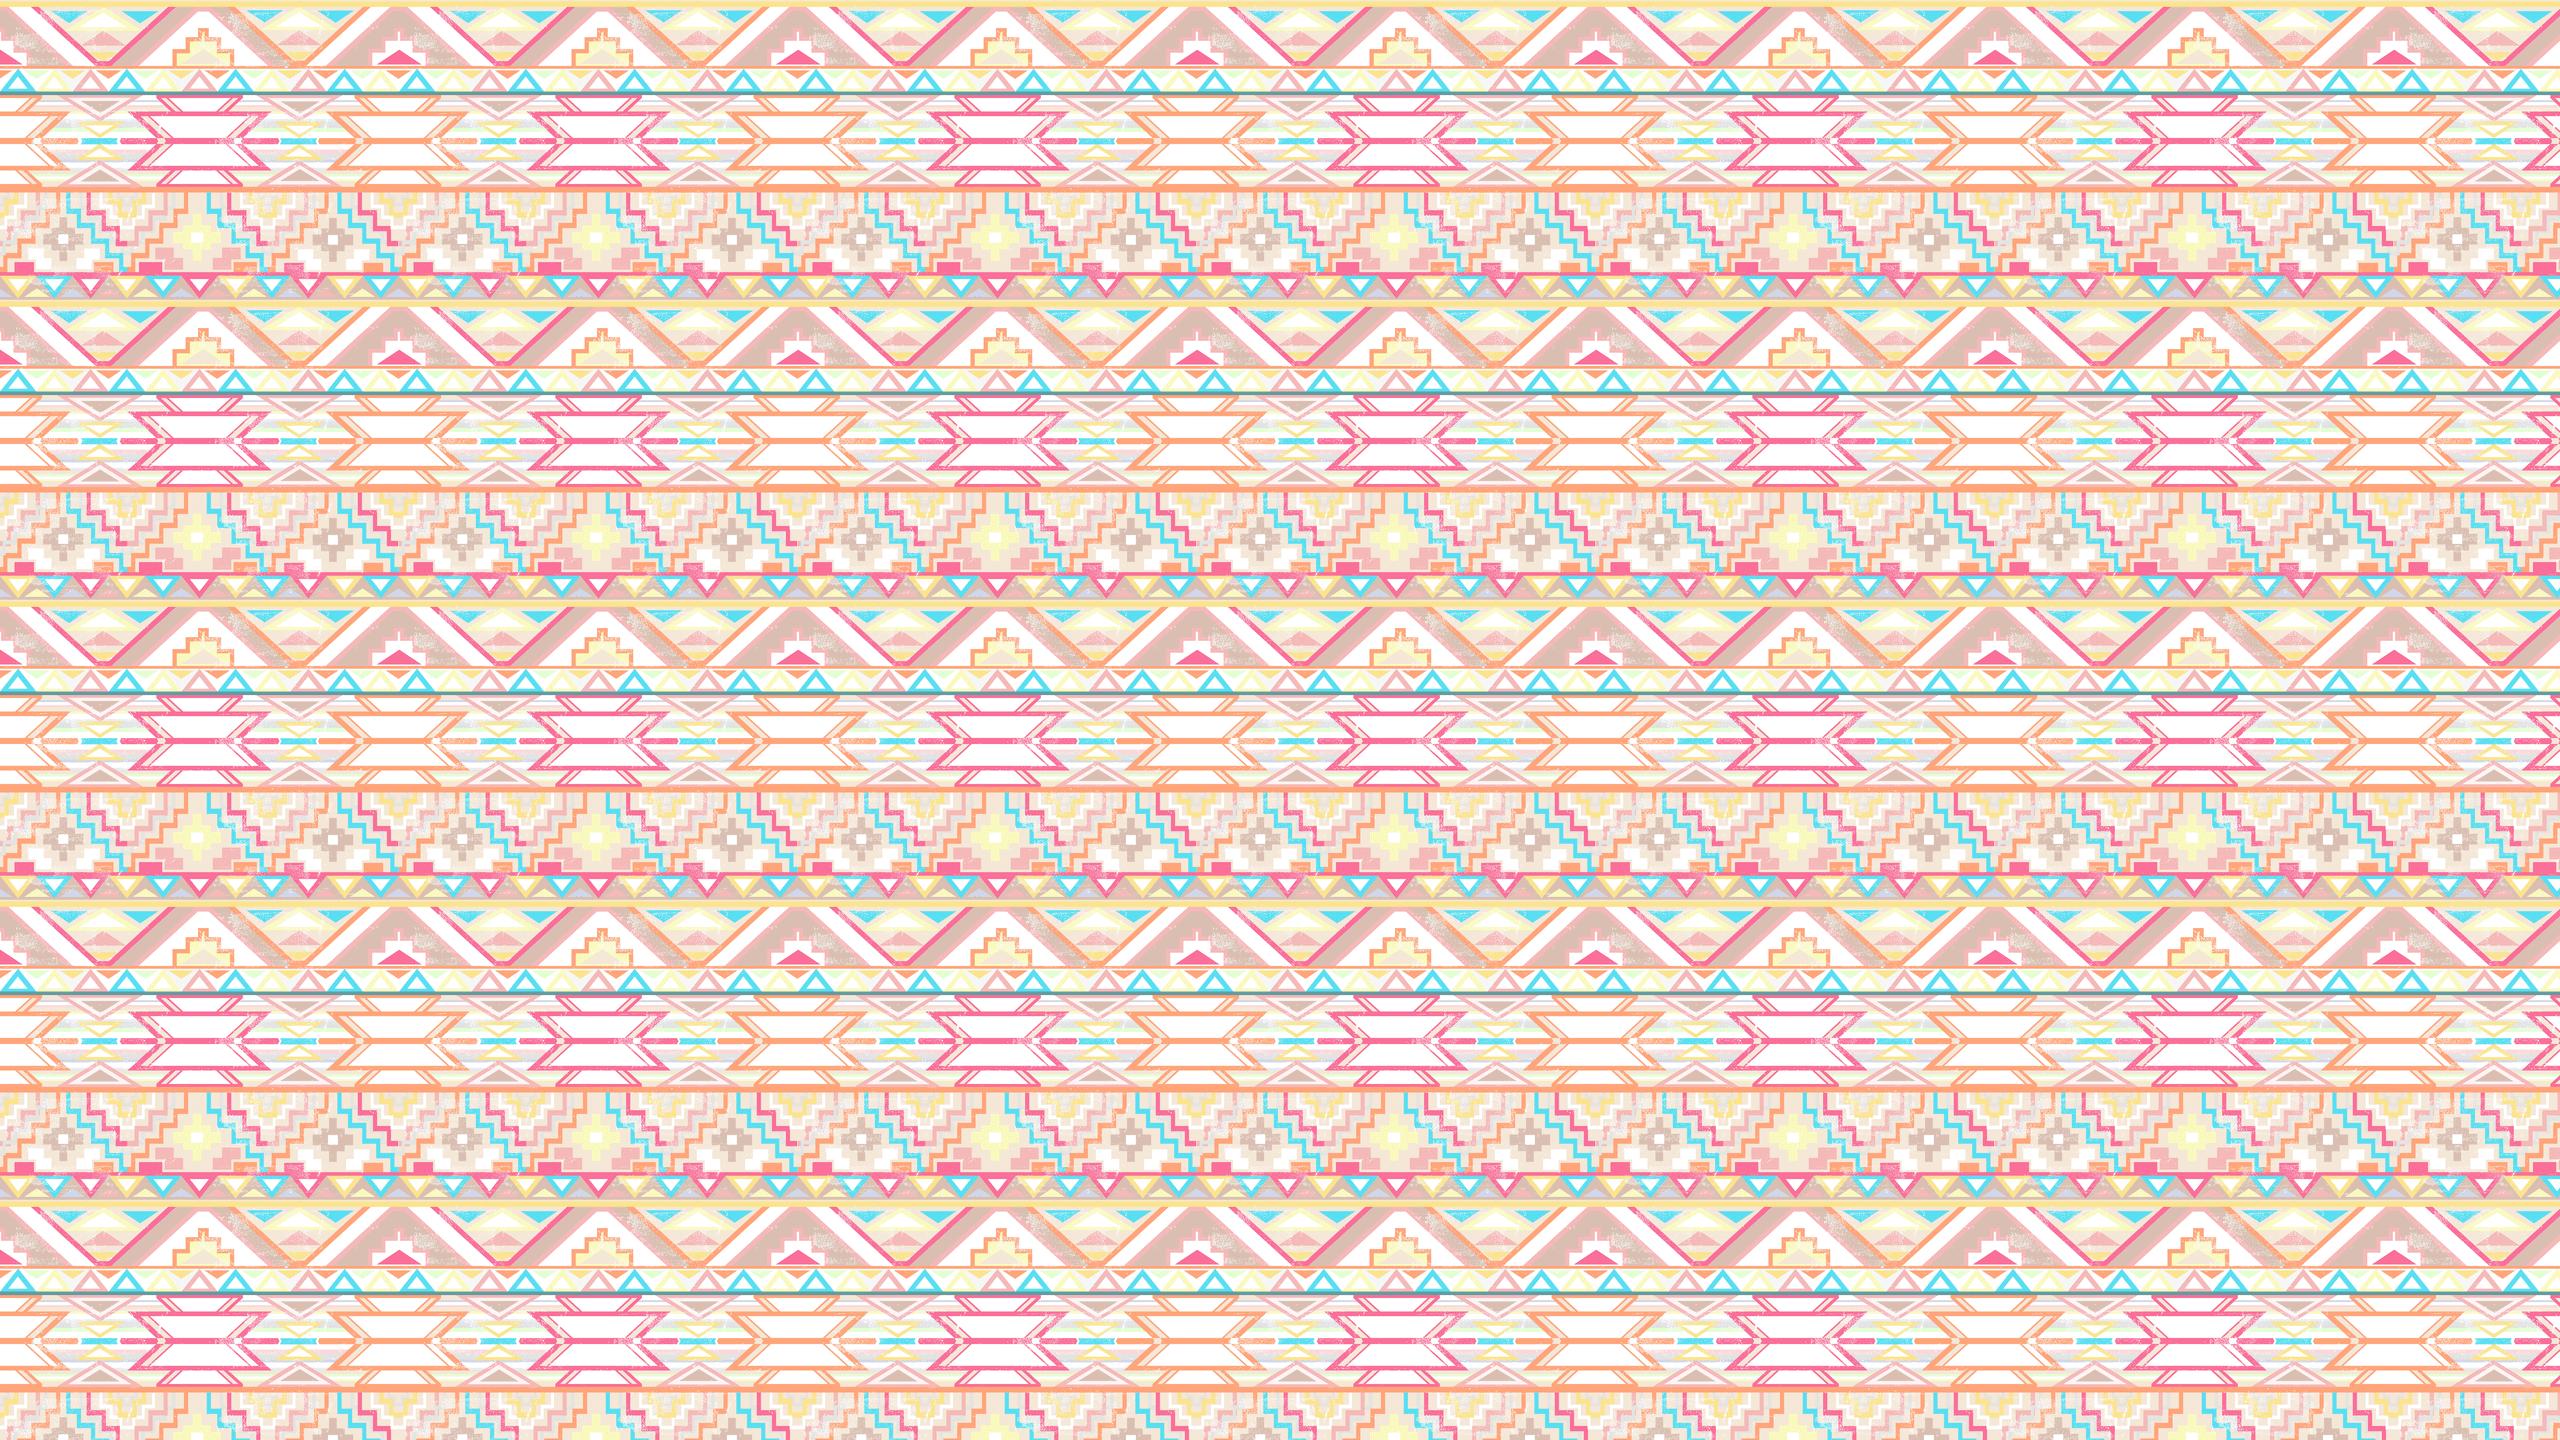 Aztec Wallpaper Cuadros 2560x1440